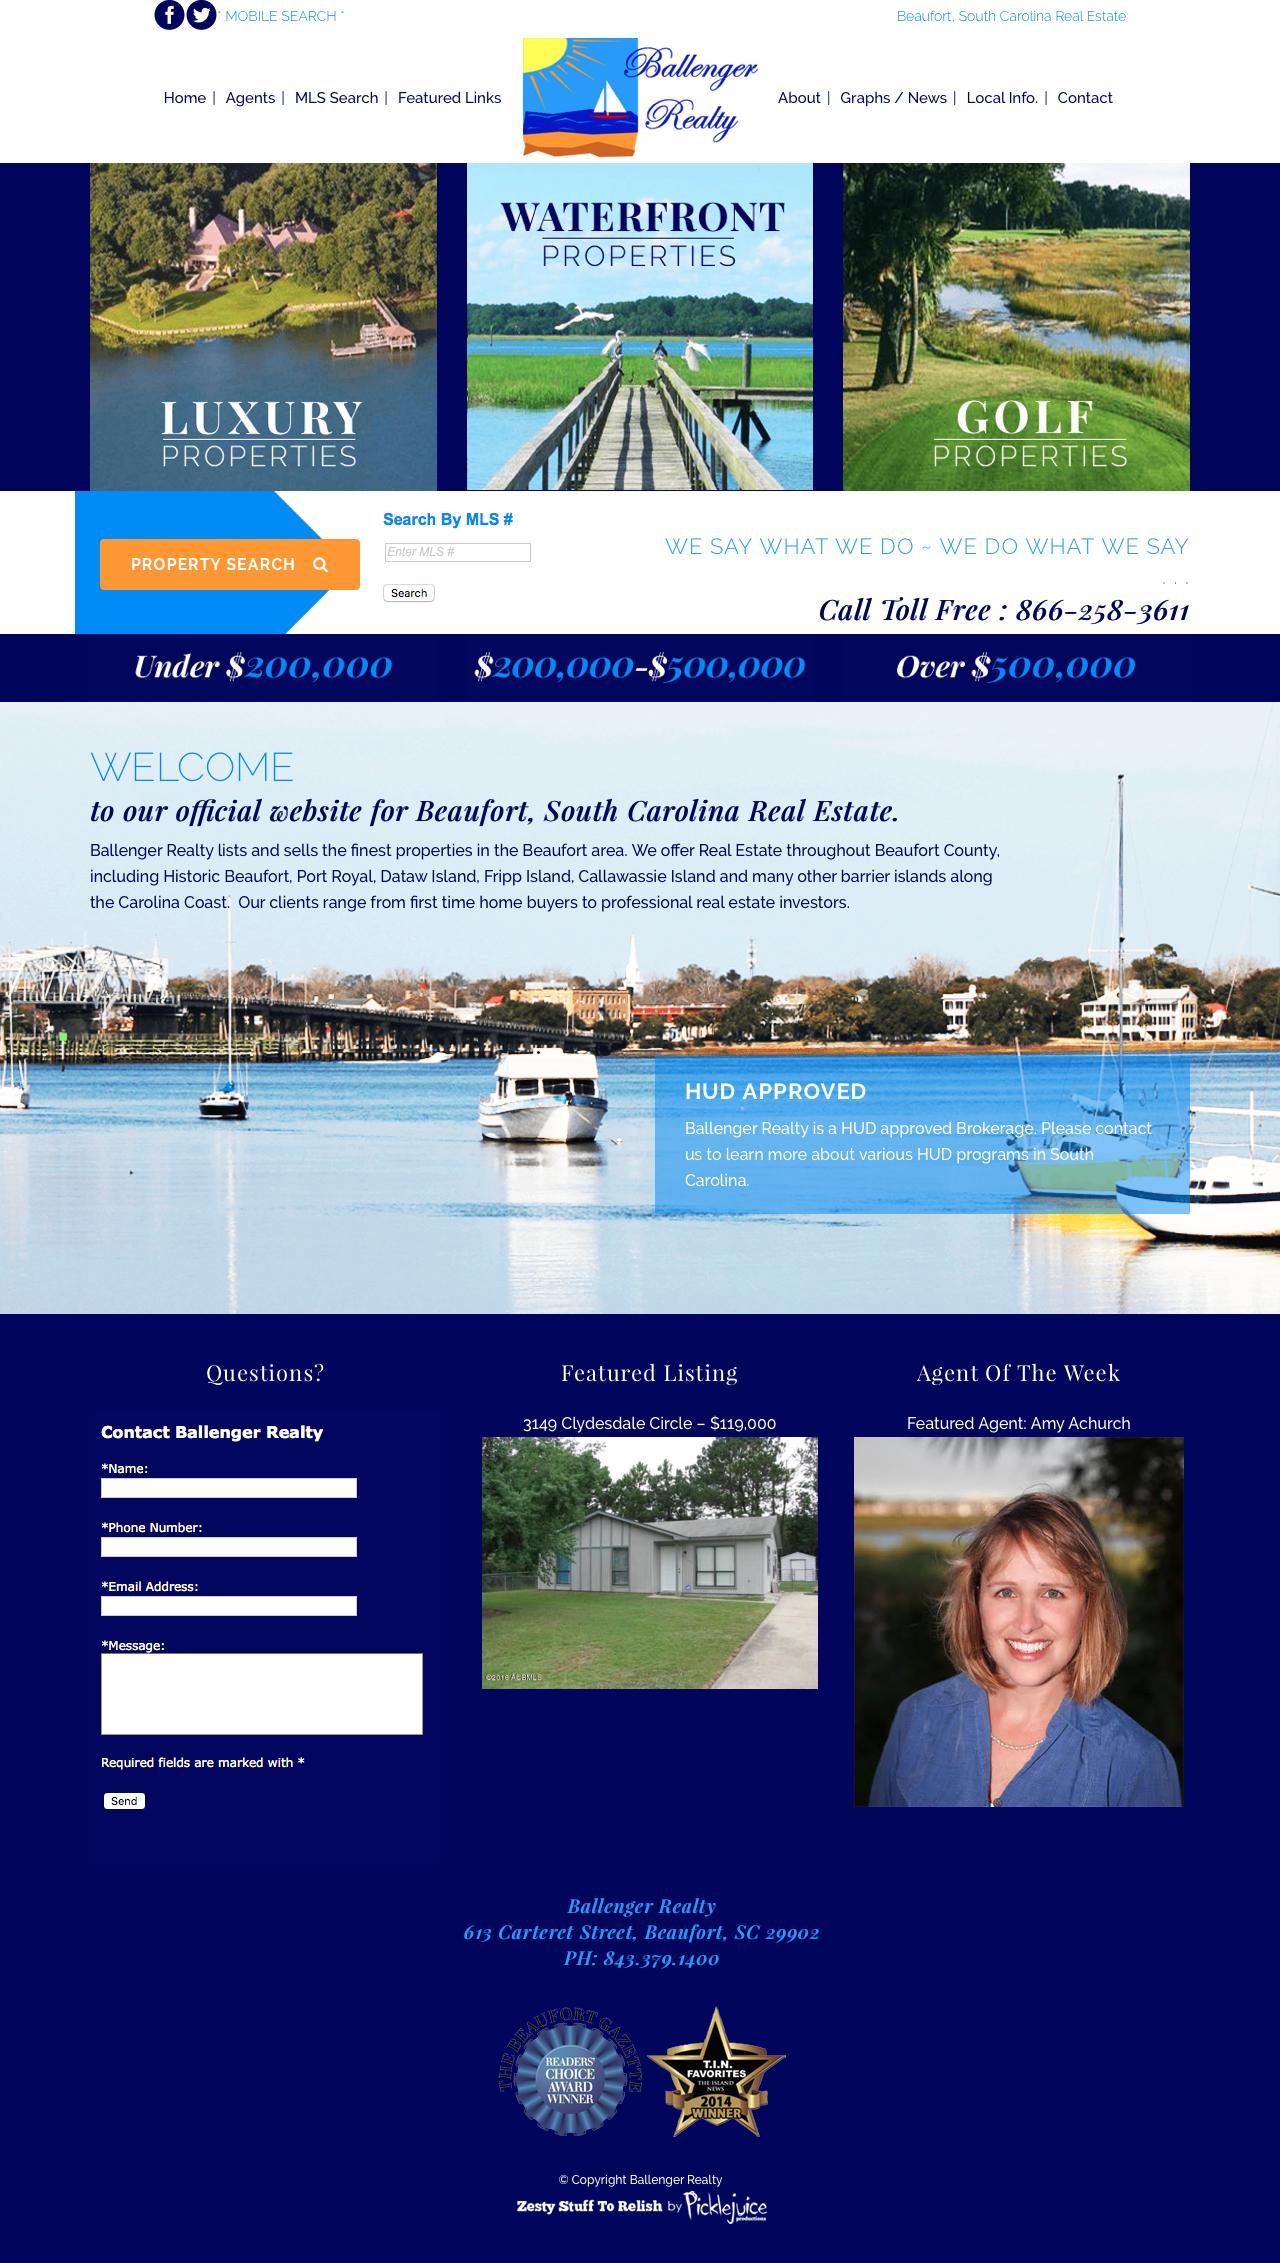 Ballenger Realty Web Design   Beaufort, South Carolina Real Estate Logo   PickleJuice Productions